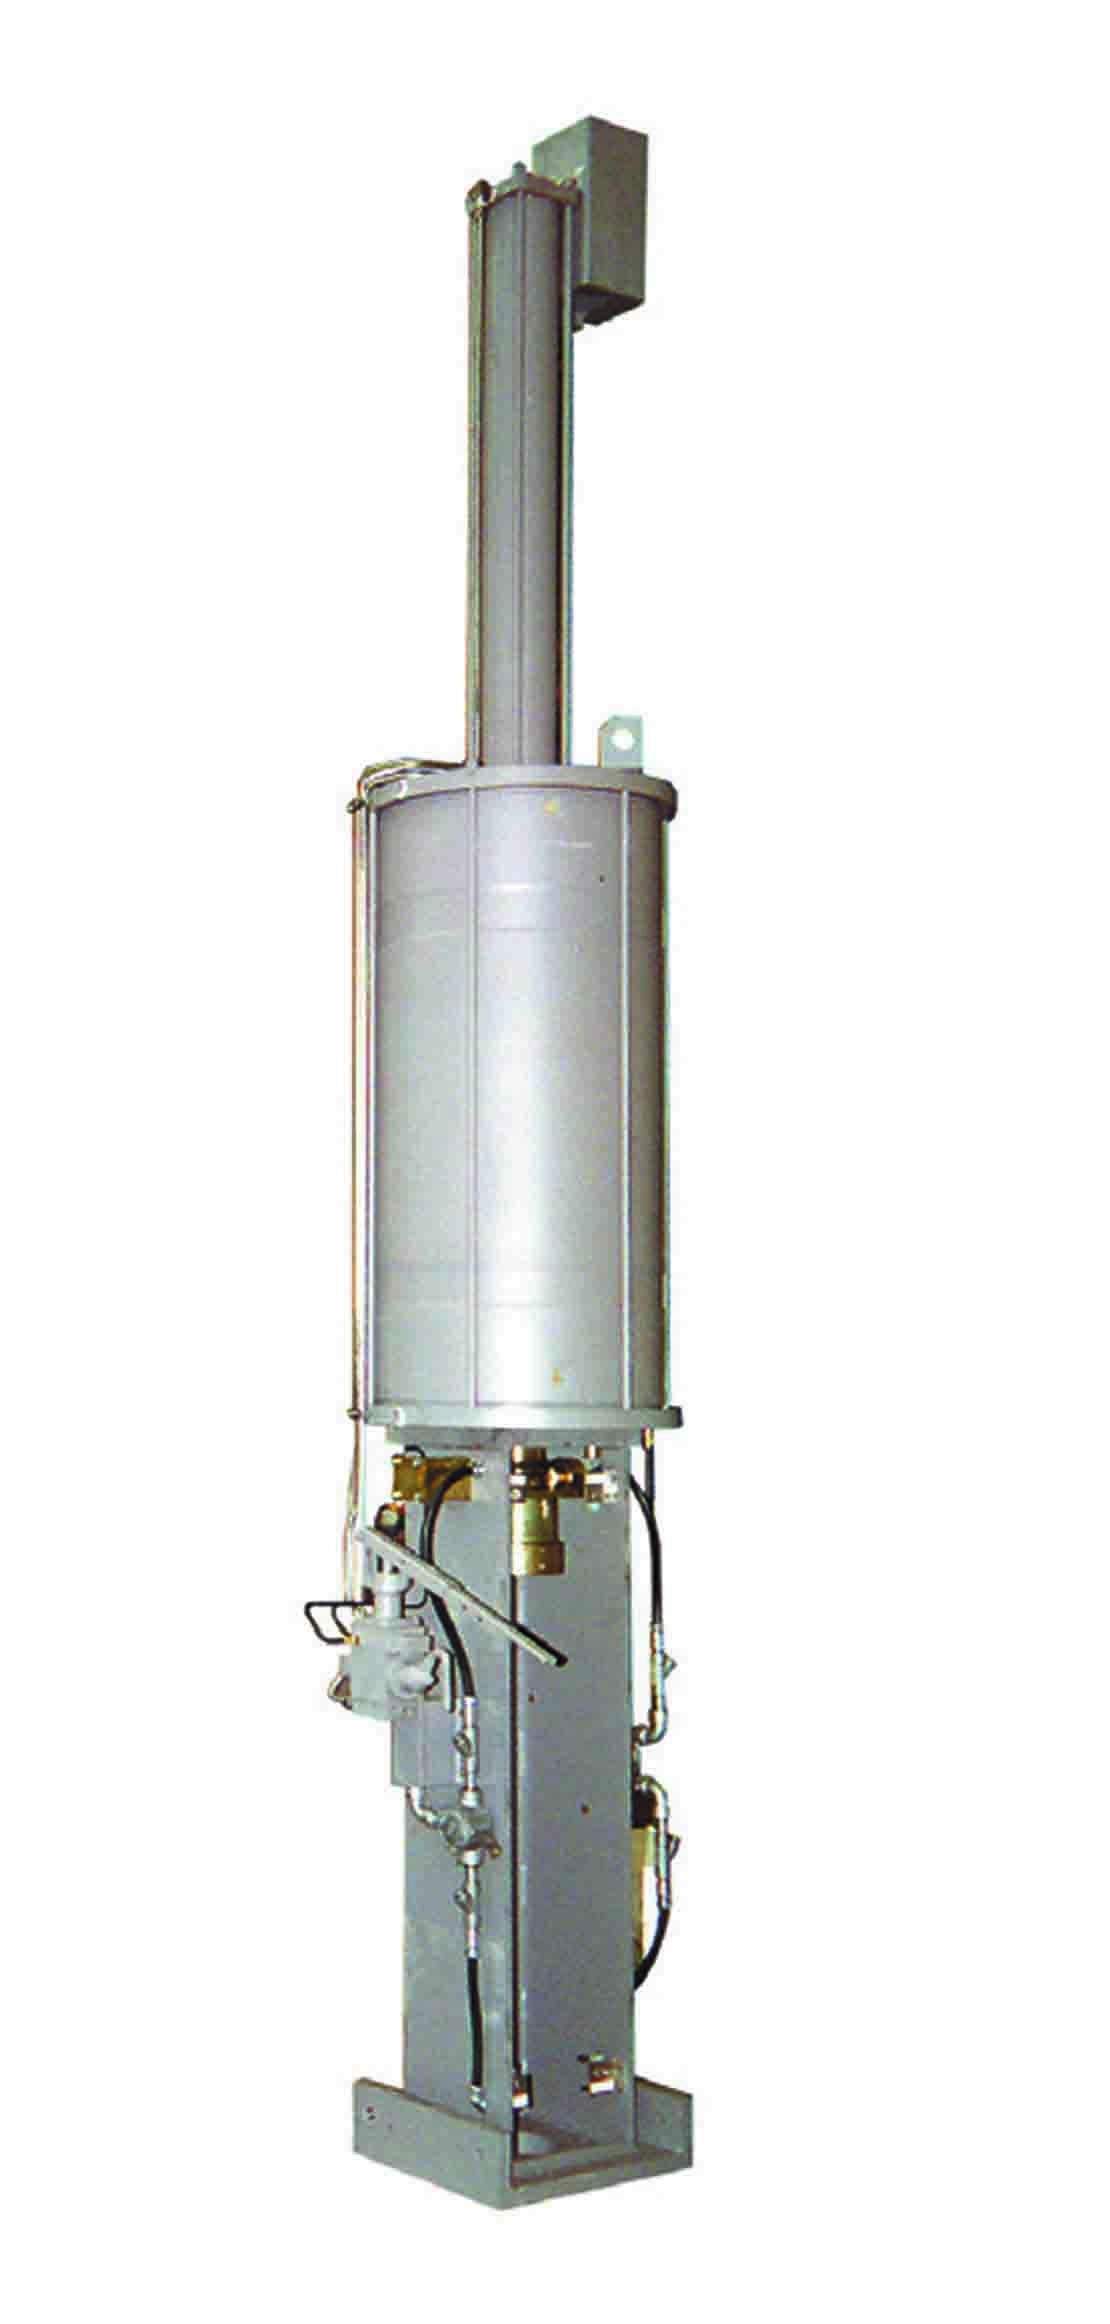 Linear pneumatic LEDEEN actuator.